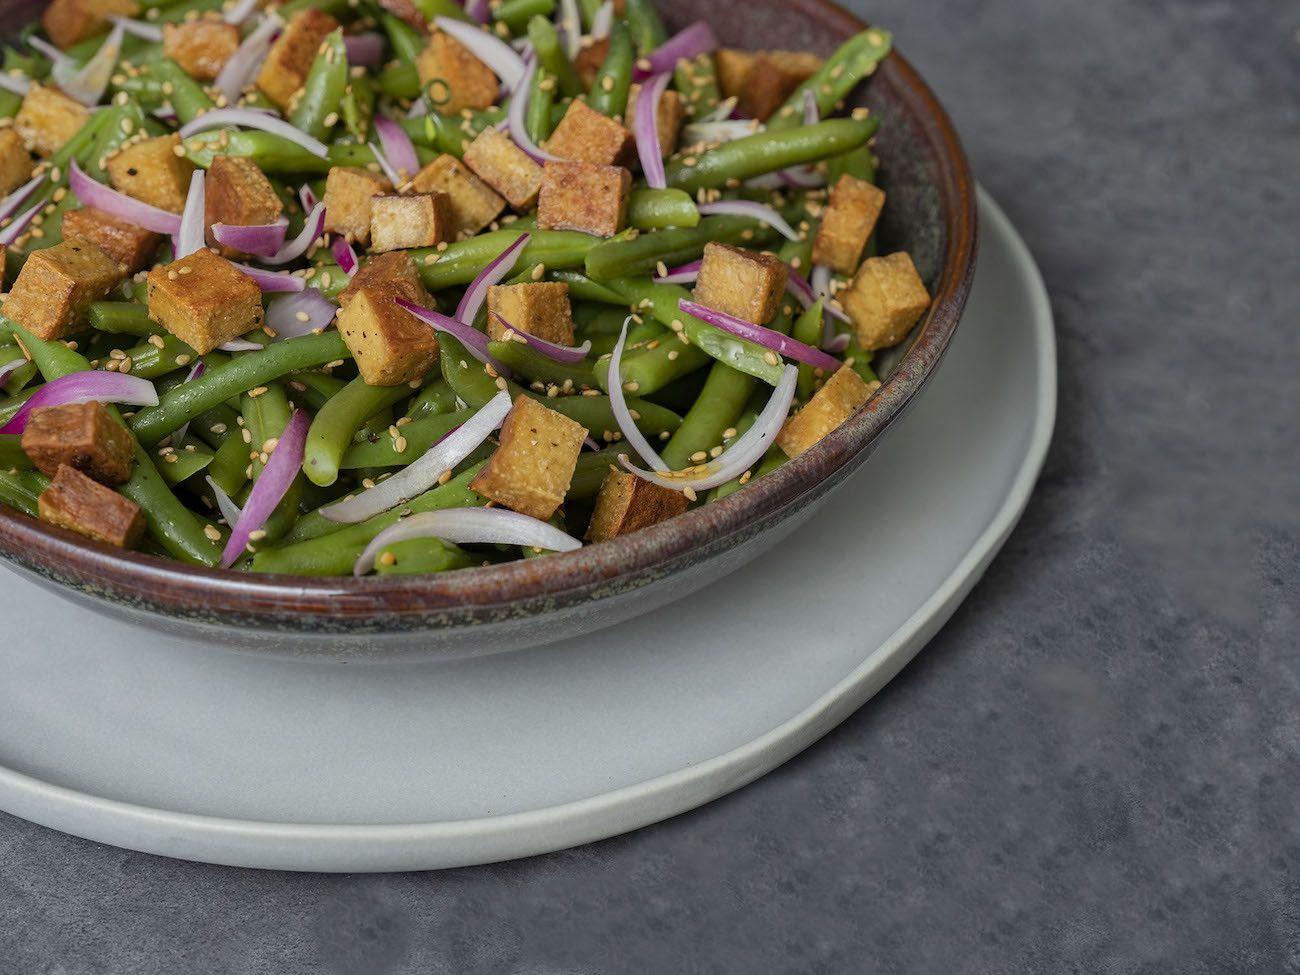 Foodblog, About Fuel, Rezept, Stangenbohnensalat mit geräuchertem Tofu, Sesam und roten Zwiebeln, Salat, Sesam